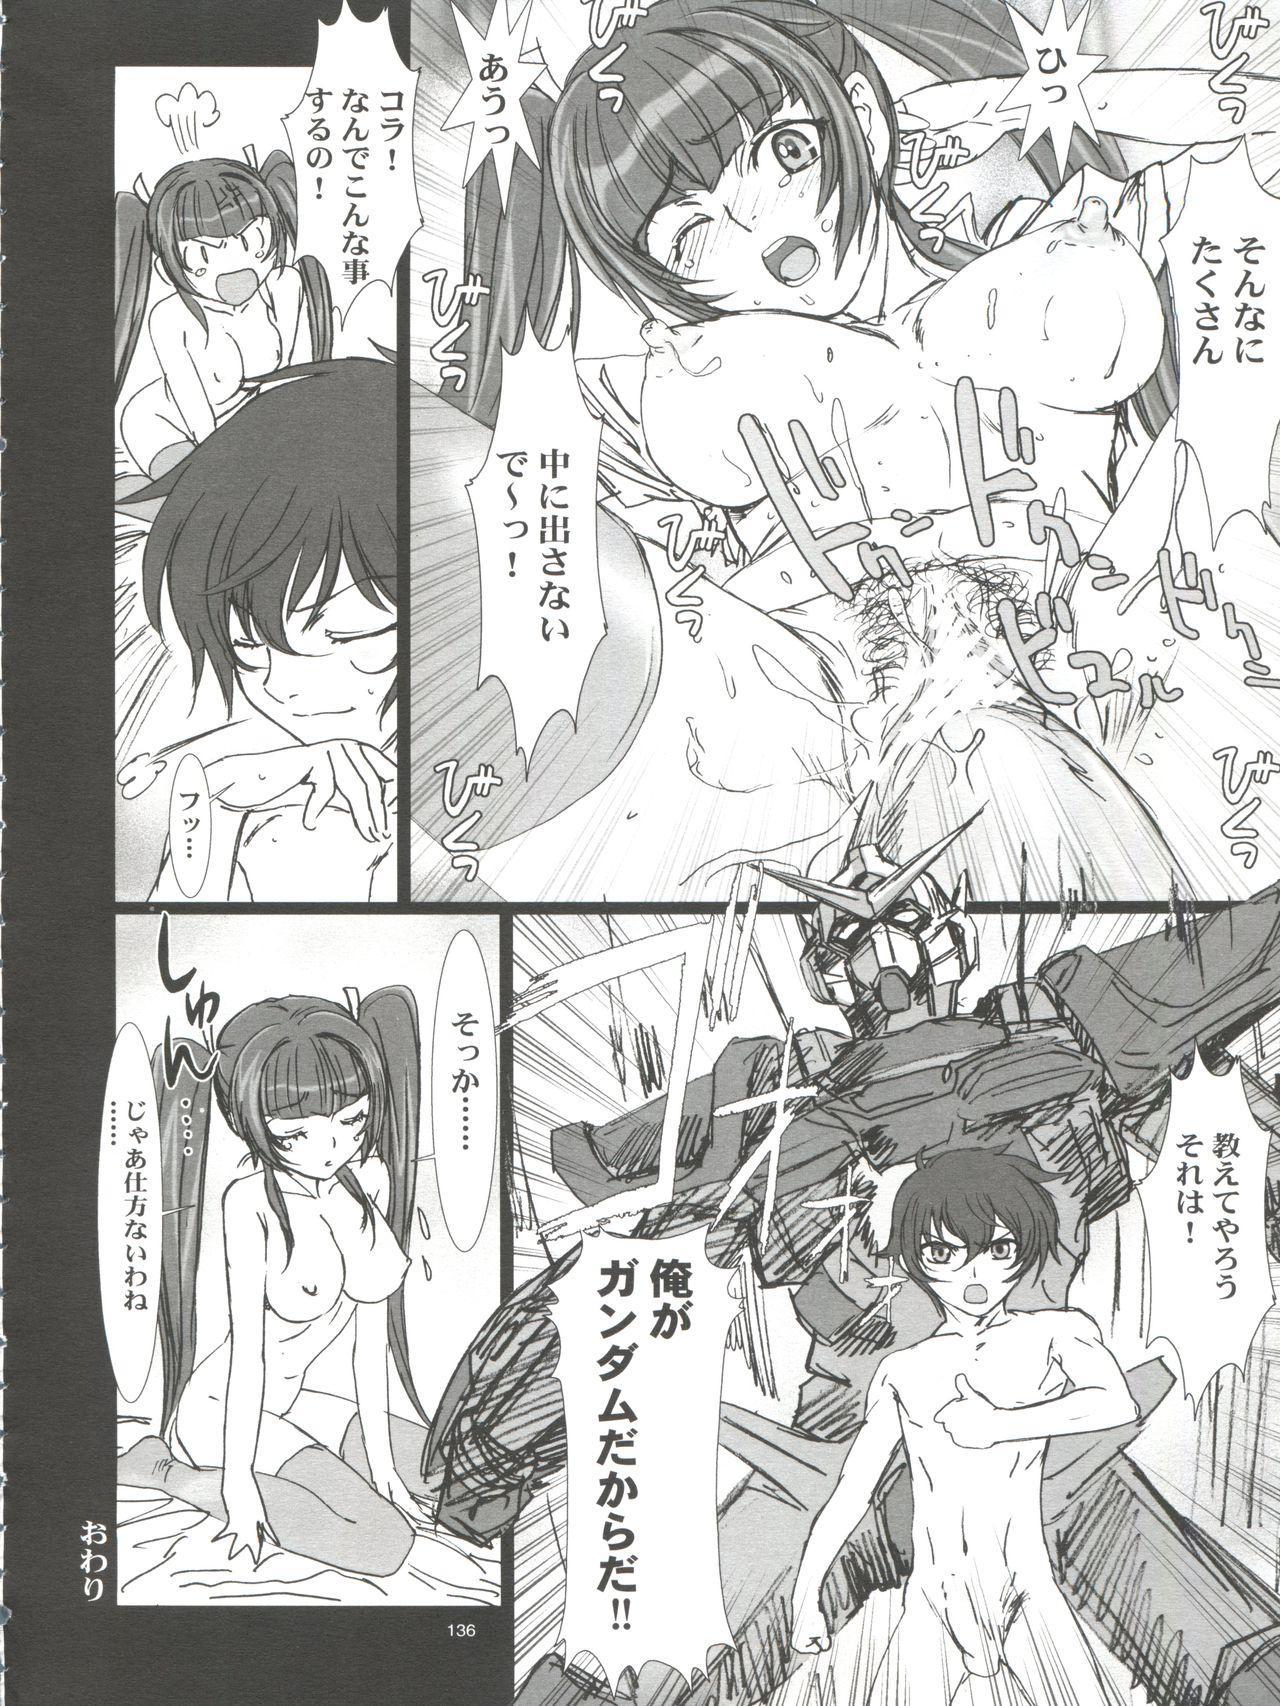 Wanpaku Anime Daihyakka Nanno Koto Jisensyuu Vol. 1 137